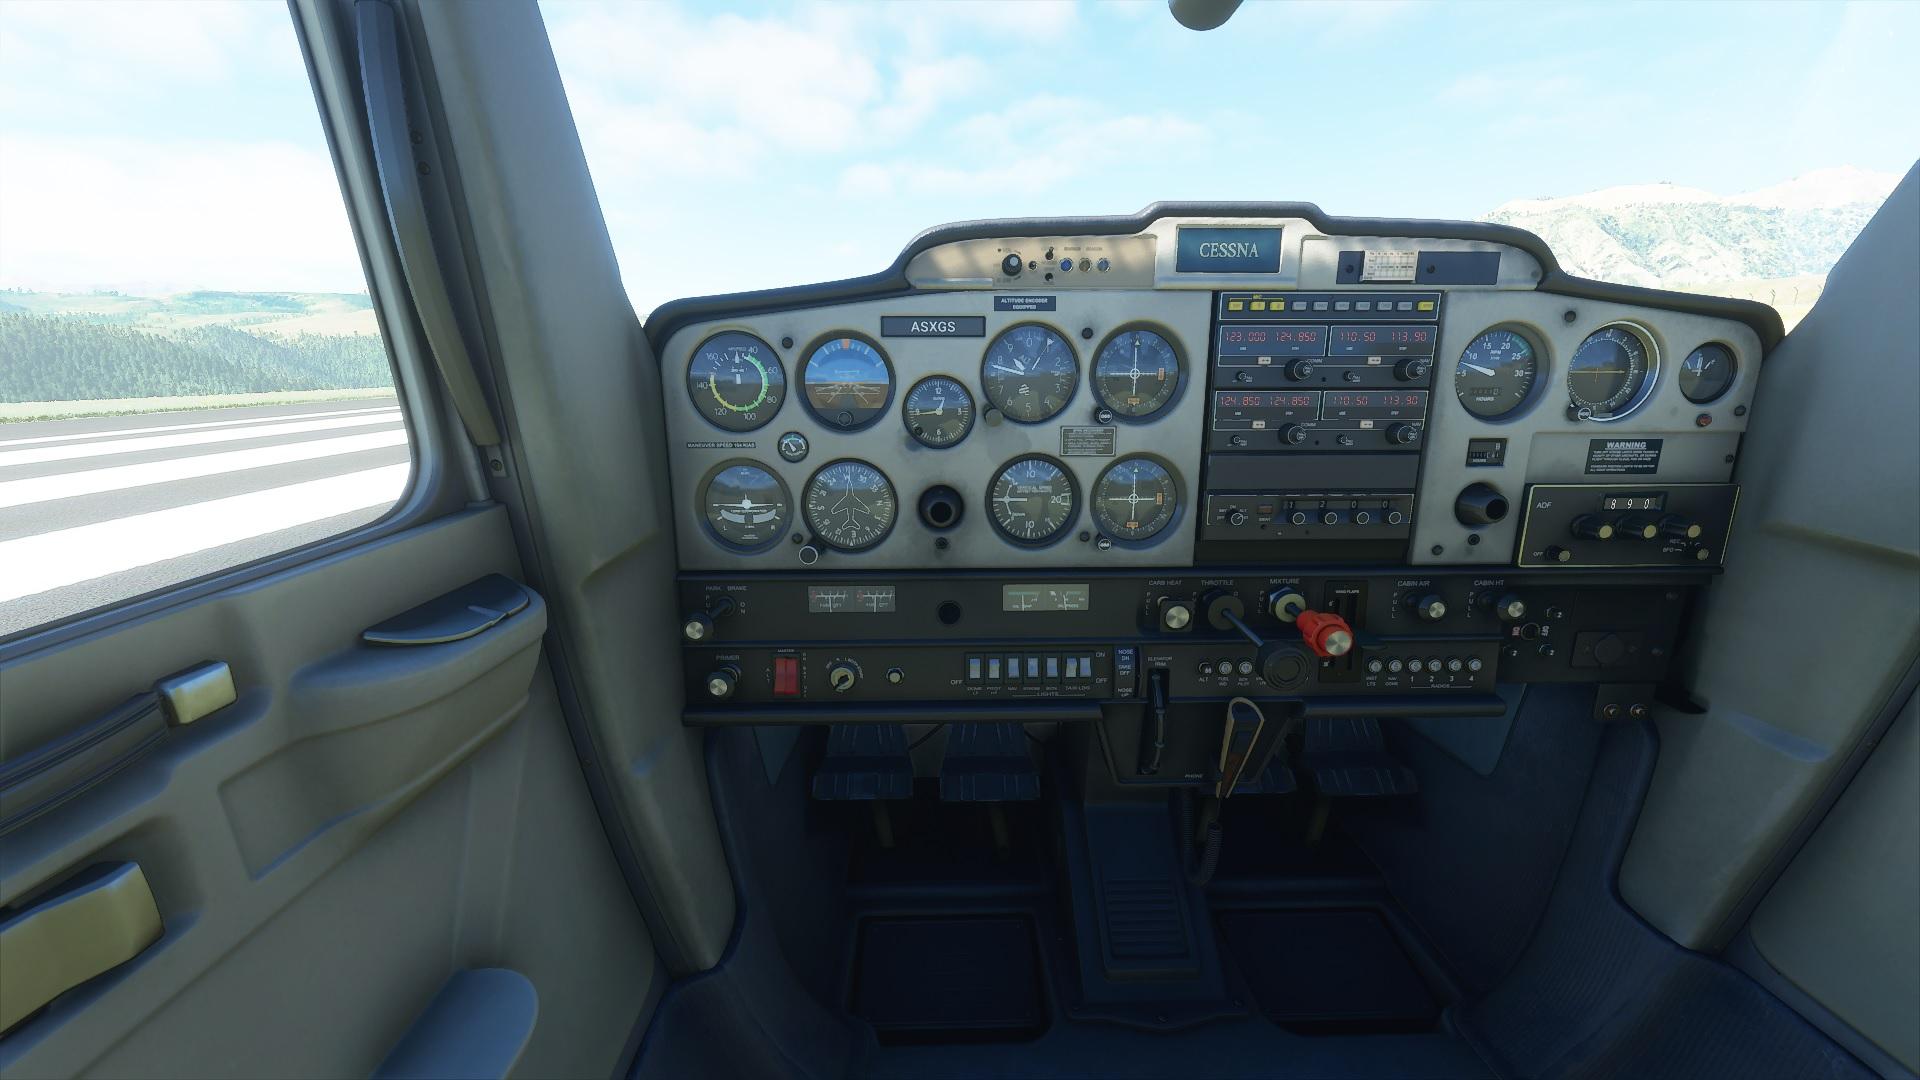 ¡Nuevo proyecto! contrucción de cabina simulación aérea